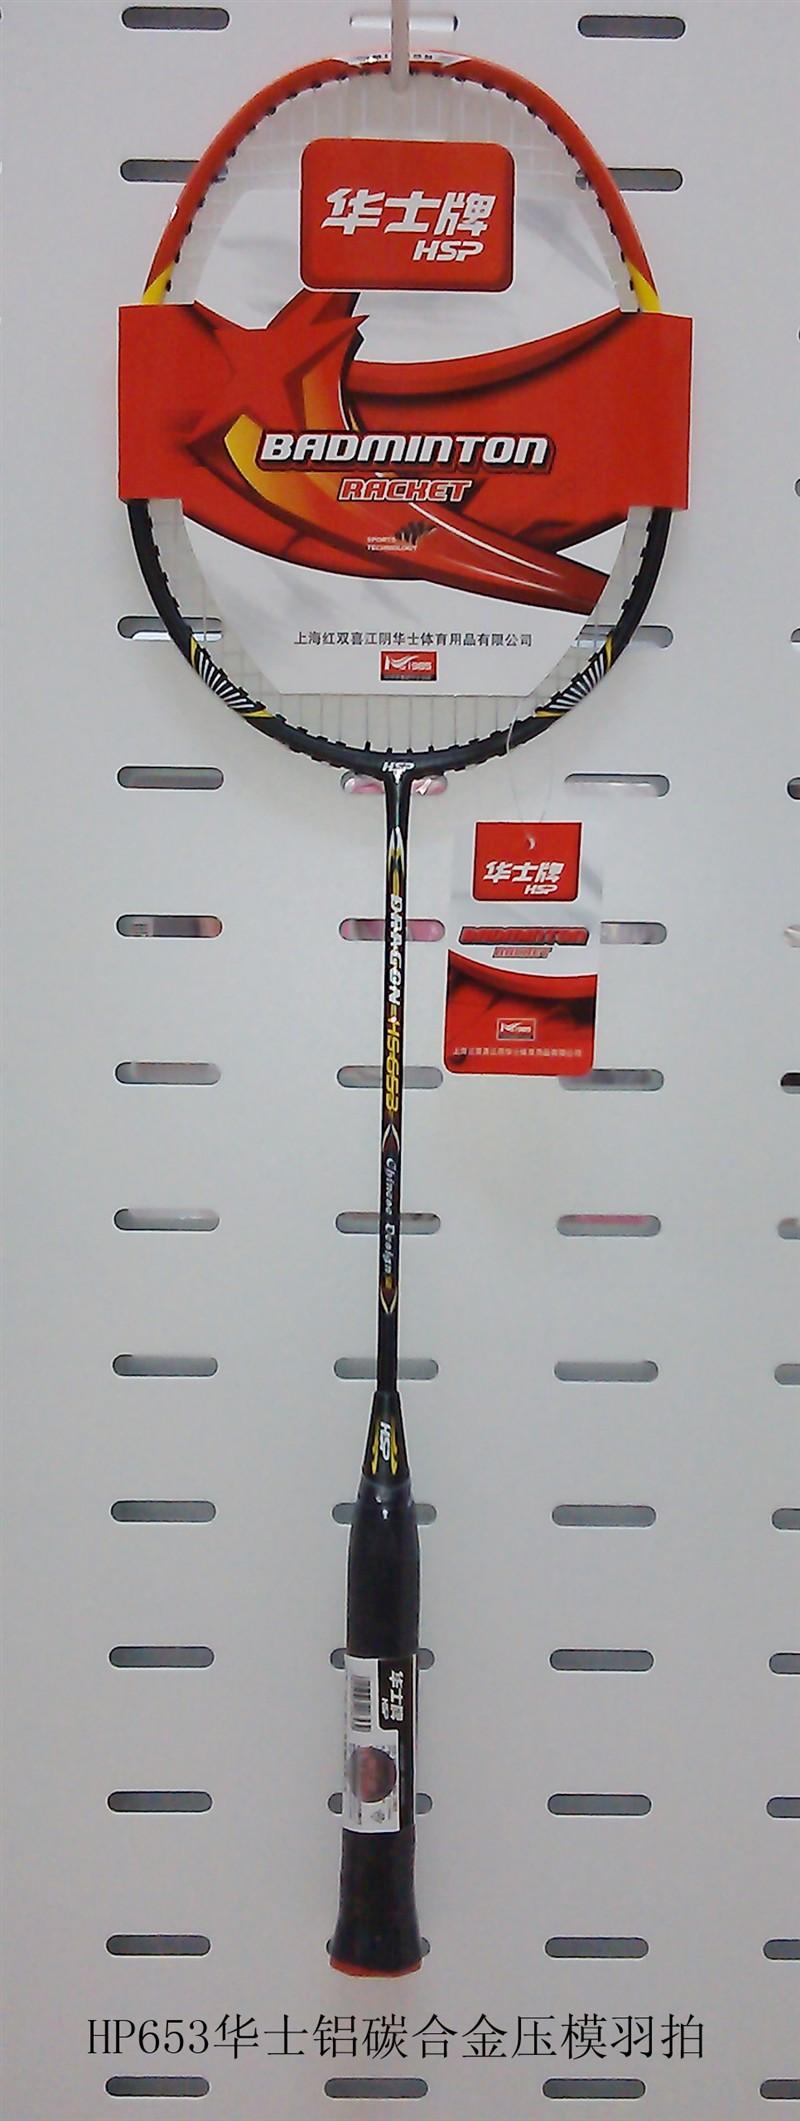 hp653华士铝碳合金压模羽毛球拍